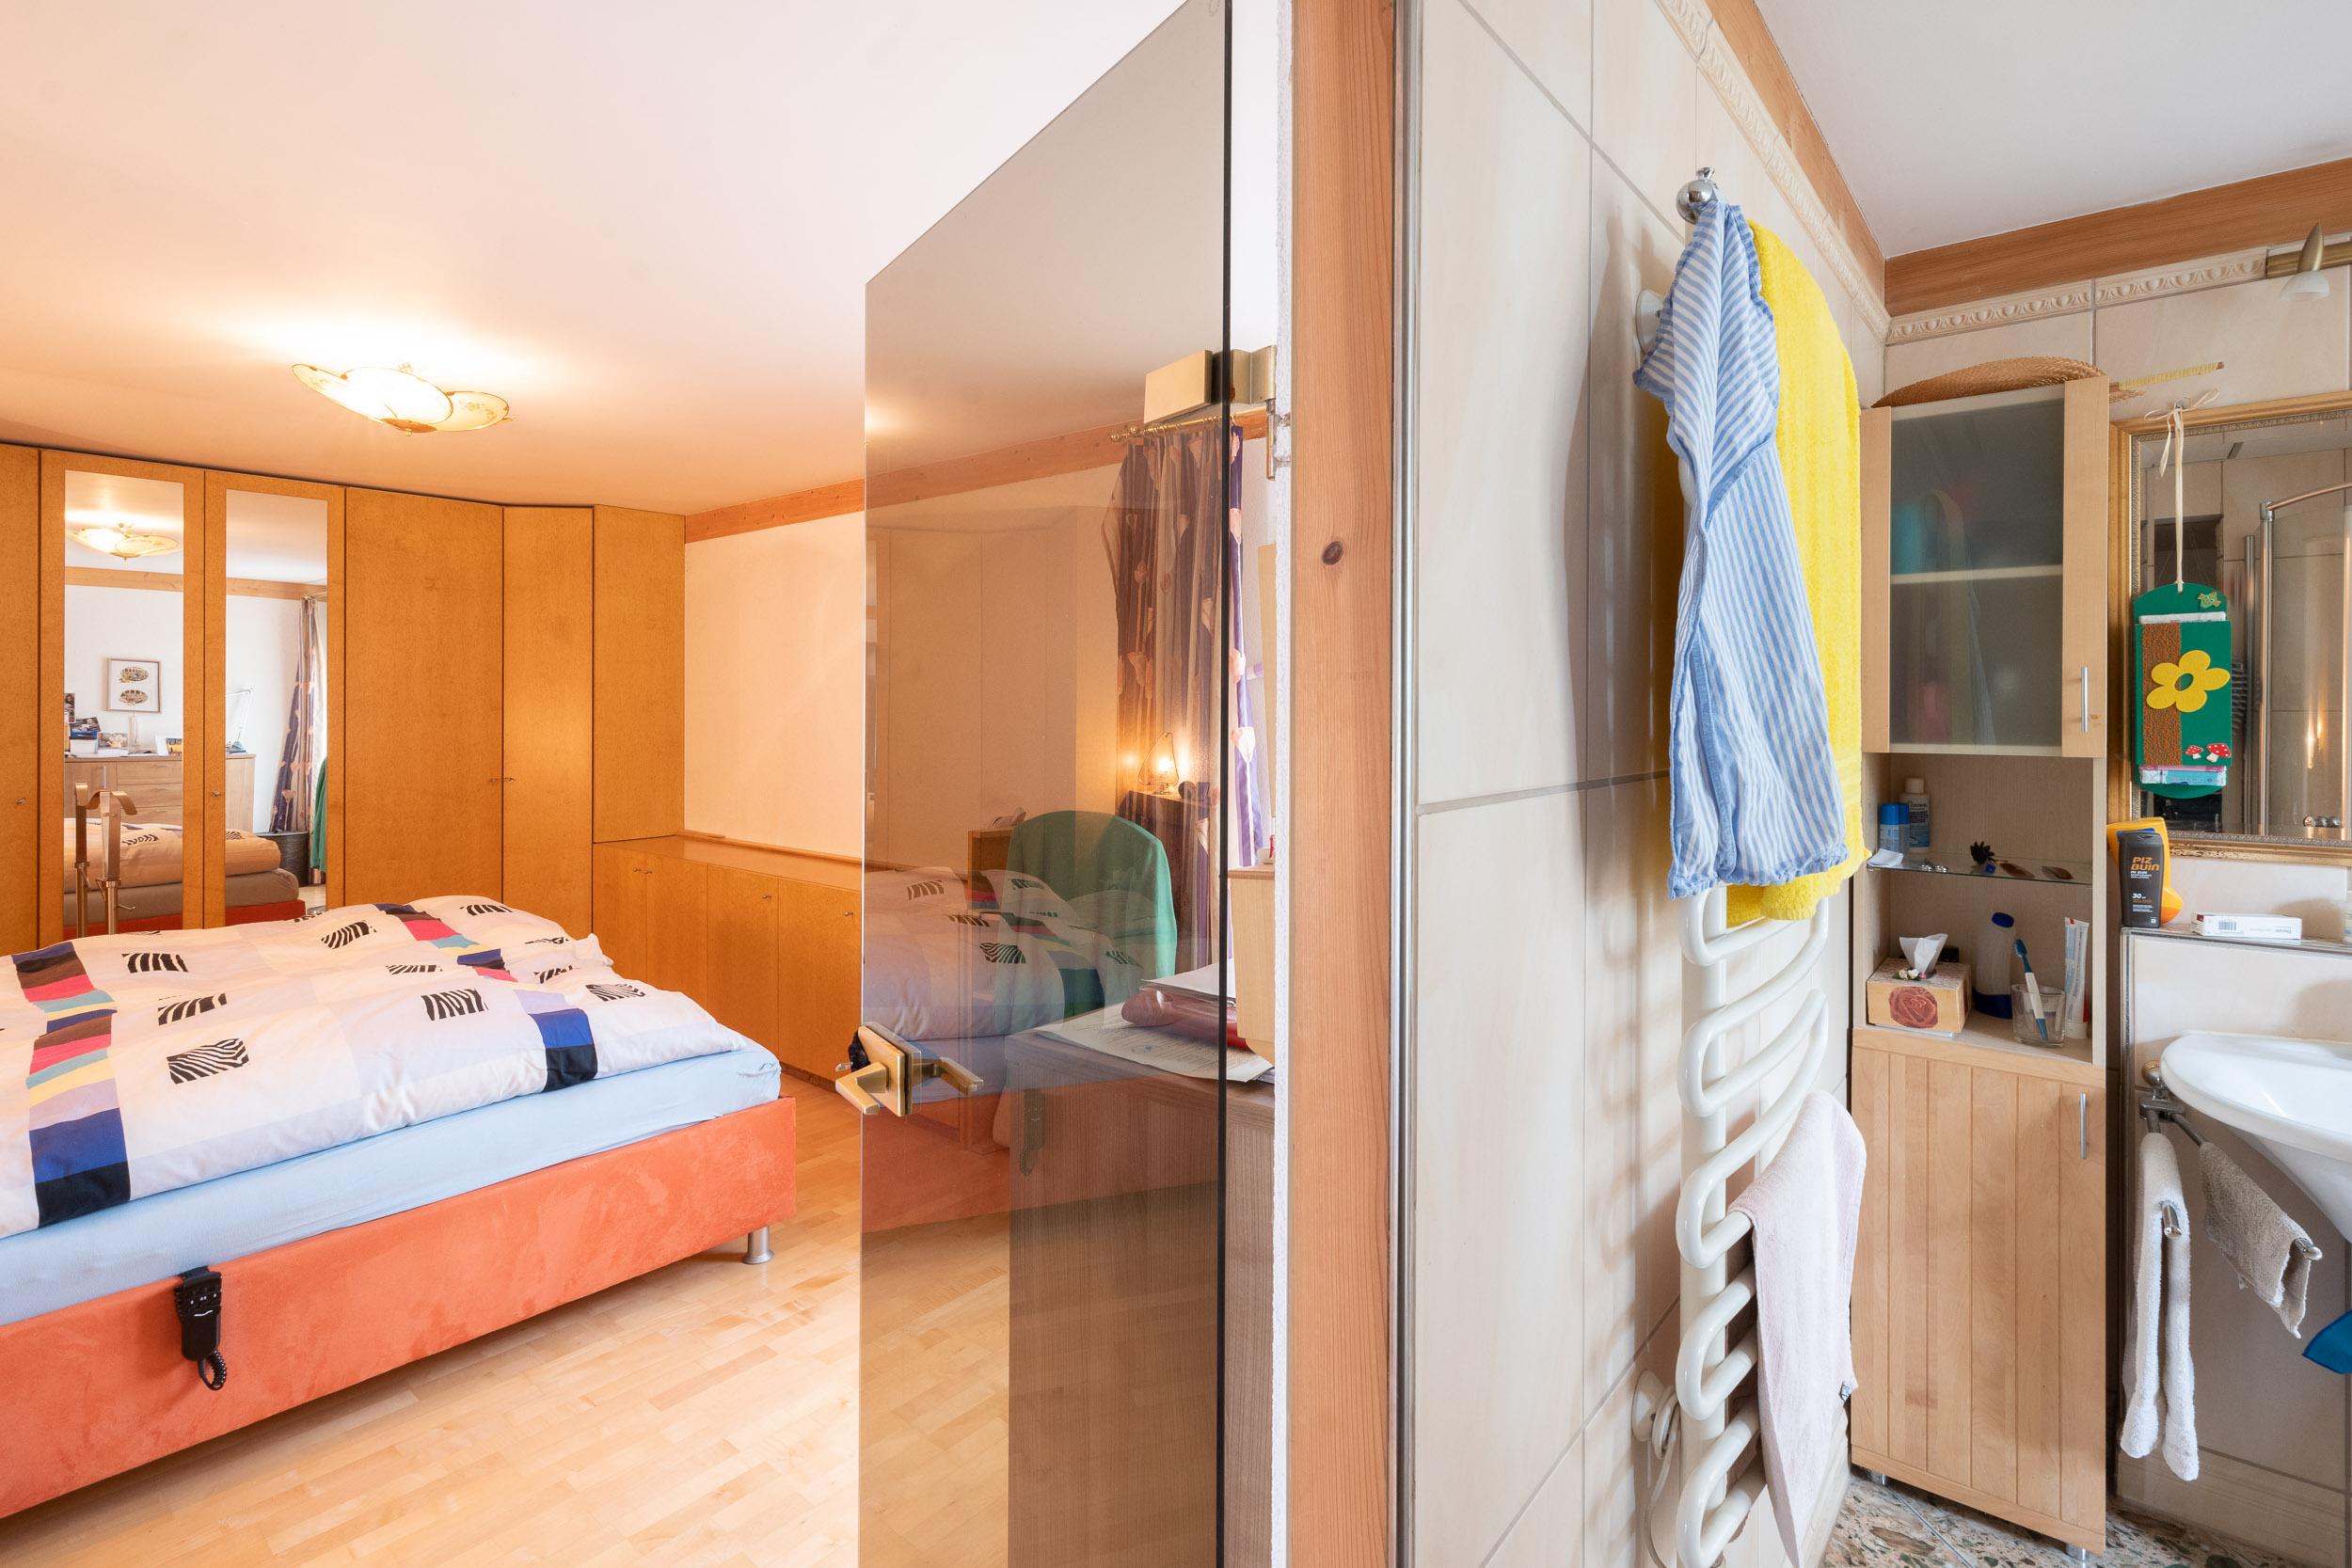 Gleich neben dem Schlafzimmer befindet sich das Badezimmer mit Dusche, WC und Whirlpool